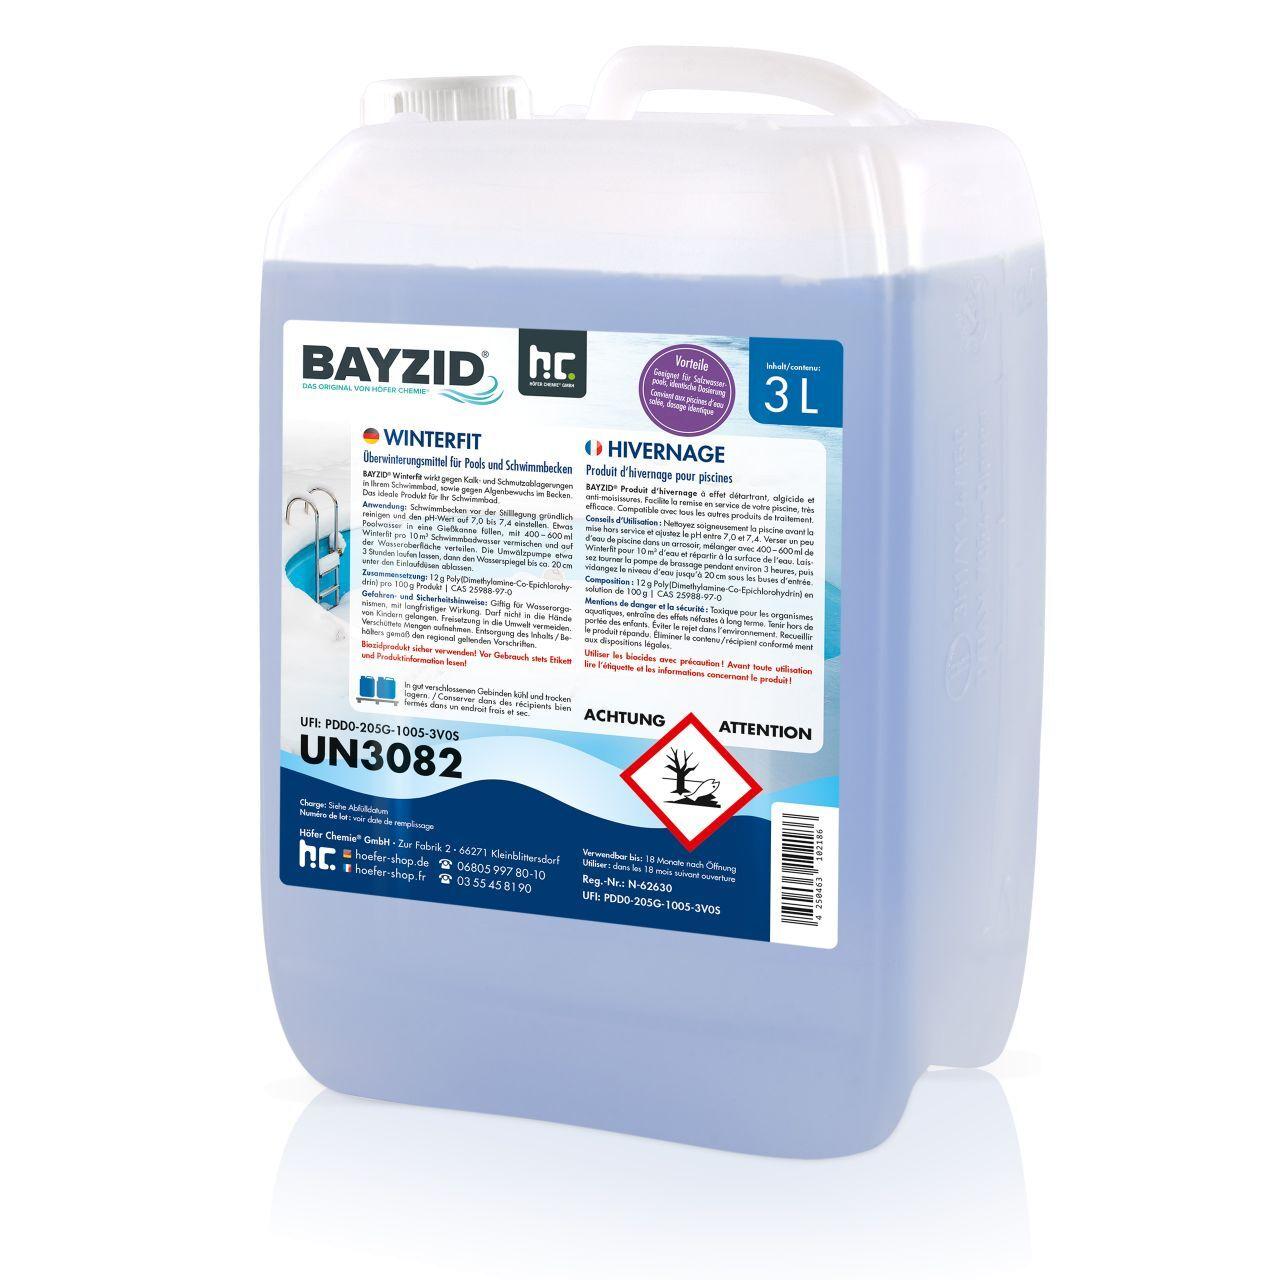 BAYZID 6 l Produit d'hivernage piscine (2 x 3 l)